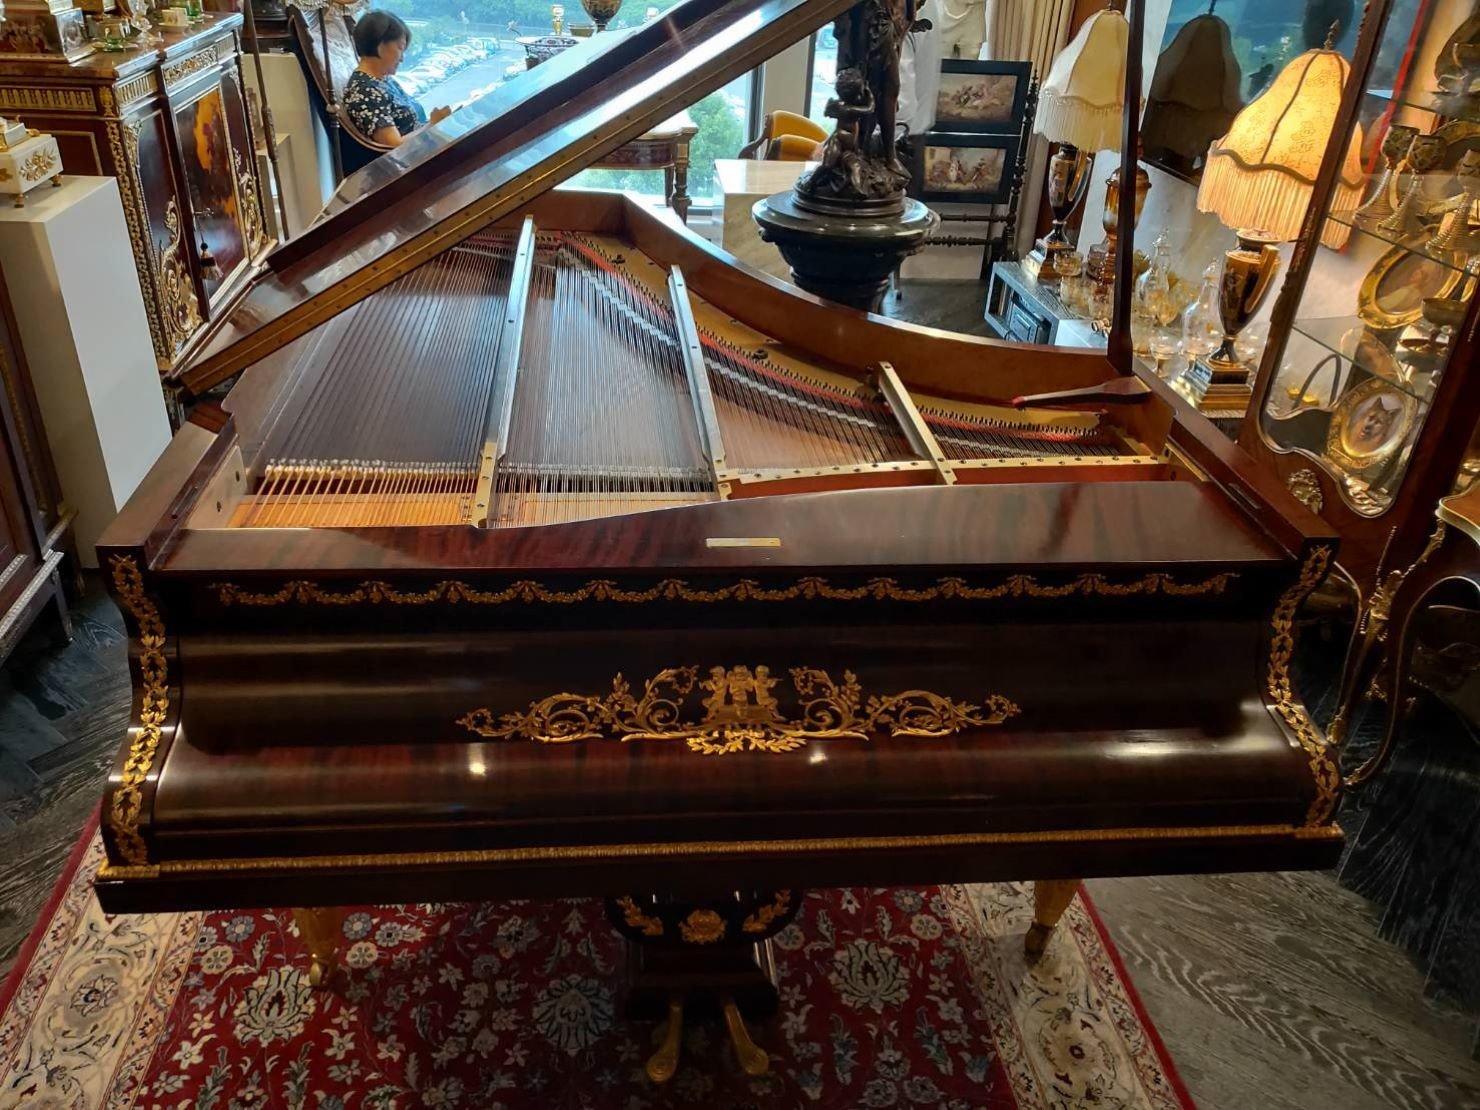 專搬鋼琴【榮福搬家公司】搬鋼琴、搬三角琴、平台鋼琴值得您的信賴與選擇:手工平台式演奏三角琴